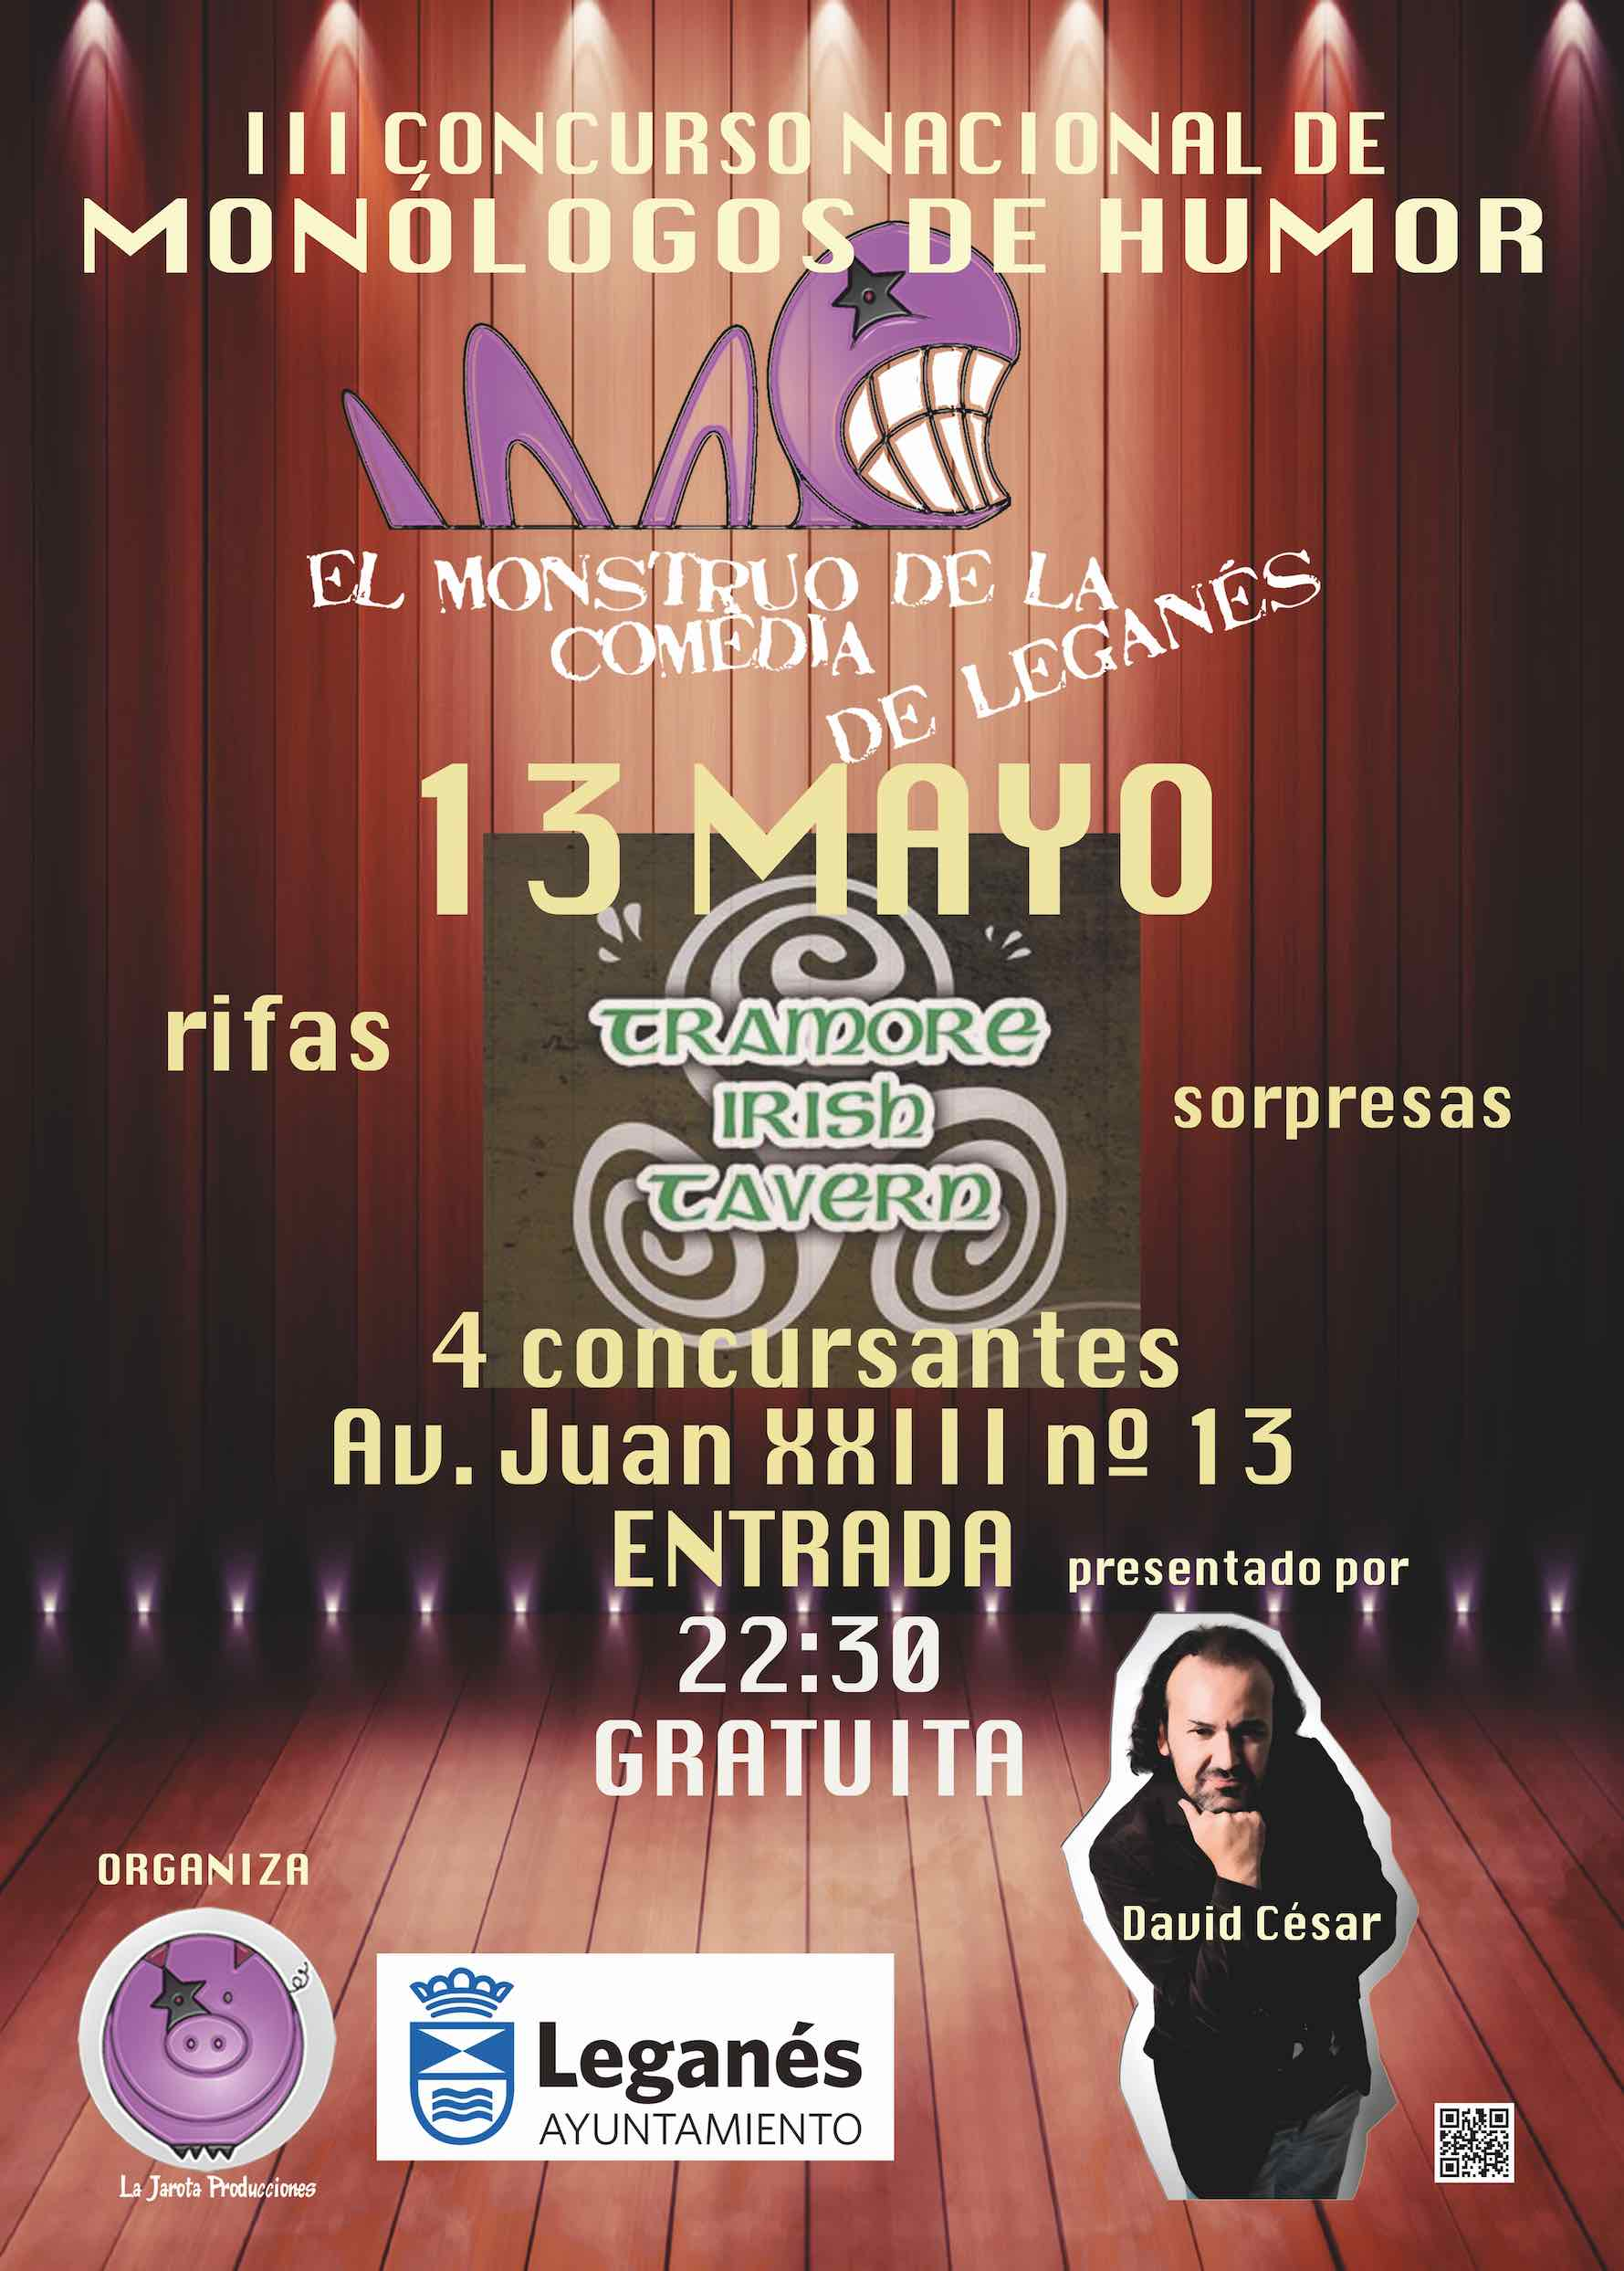 El Monstruo de la Comedia de Leganés - III ¡Primera Semifinal!